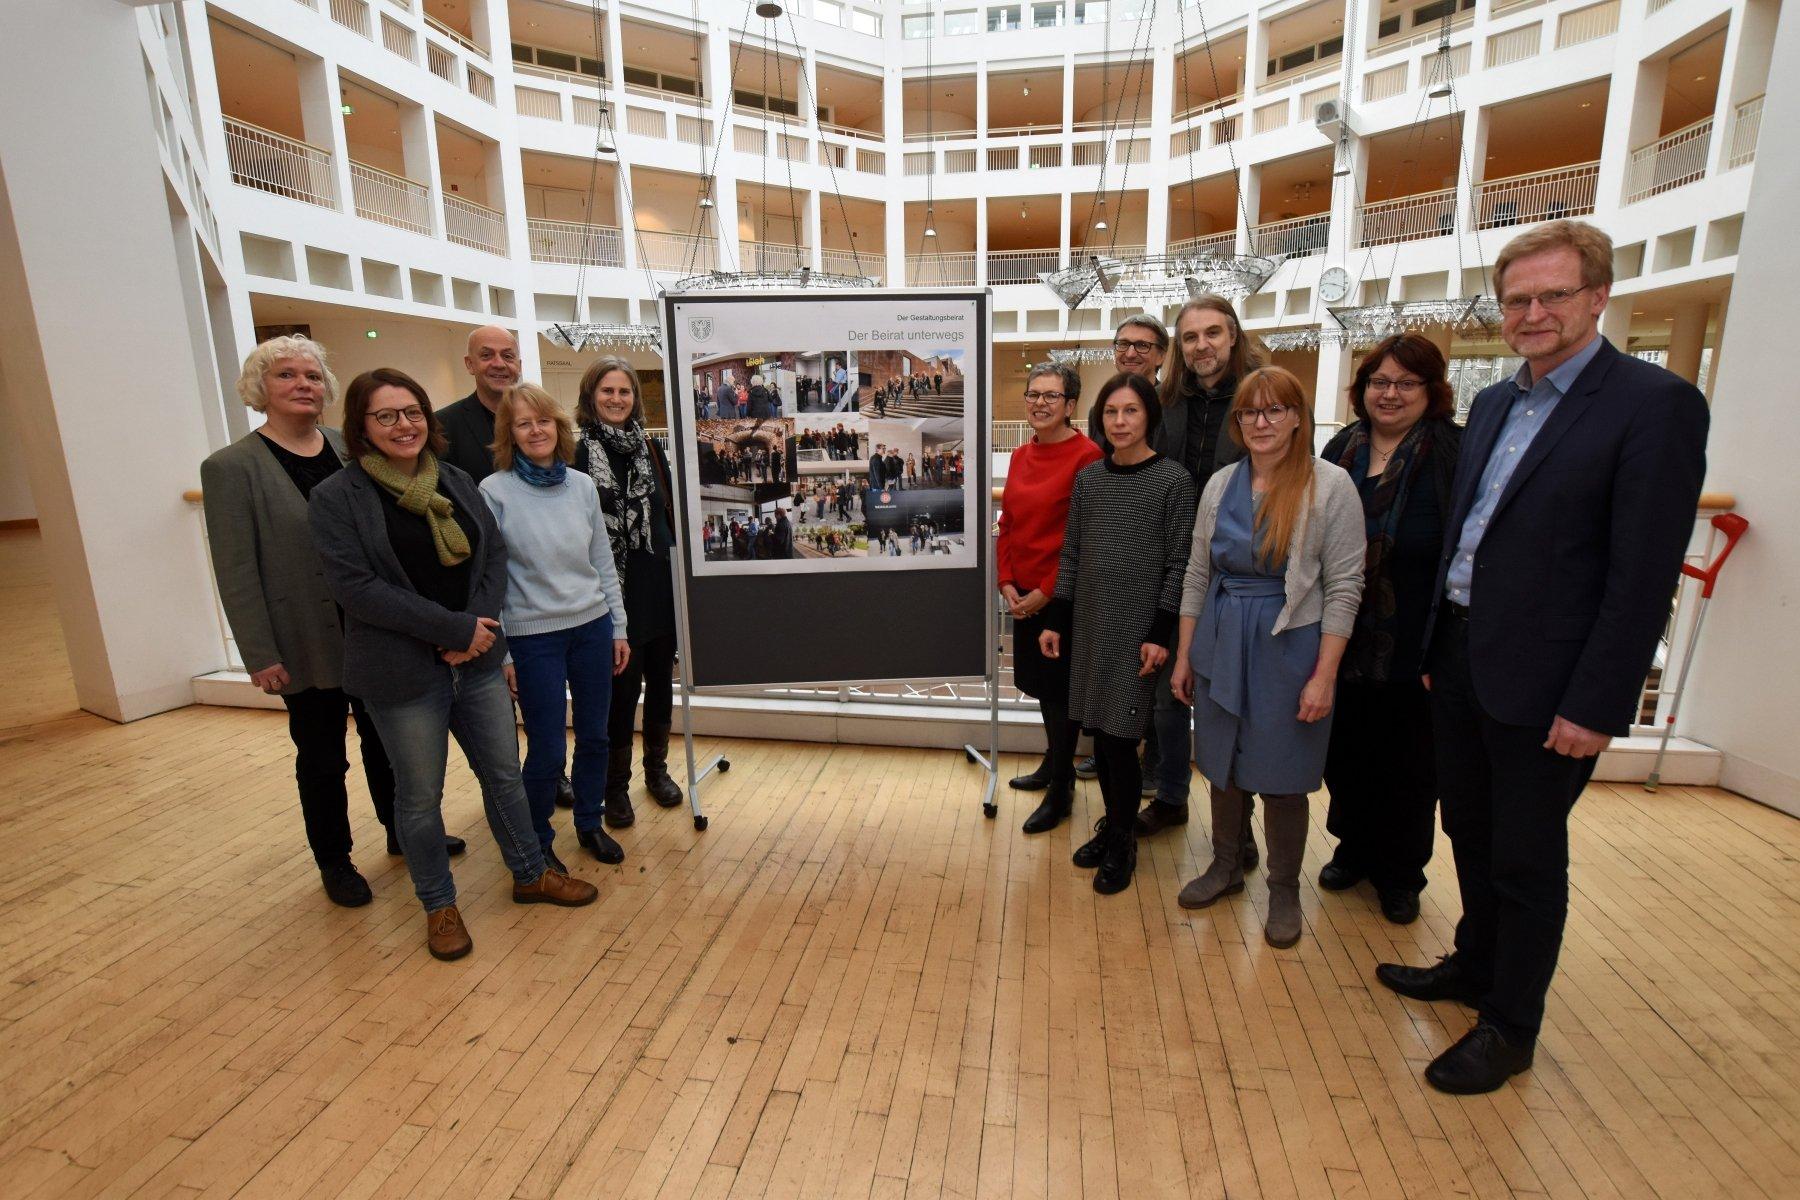 Mitglieder des Gestaltungsbeirats um Planungsdezernent Ludger Wilde (r.) und den Vorsitzenden Prof. Christian Schlüter (4. v. r). (Foto: Anja Kador / Dortmund Agentur)